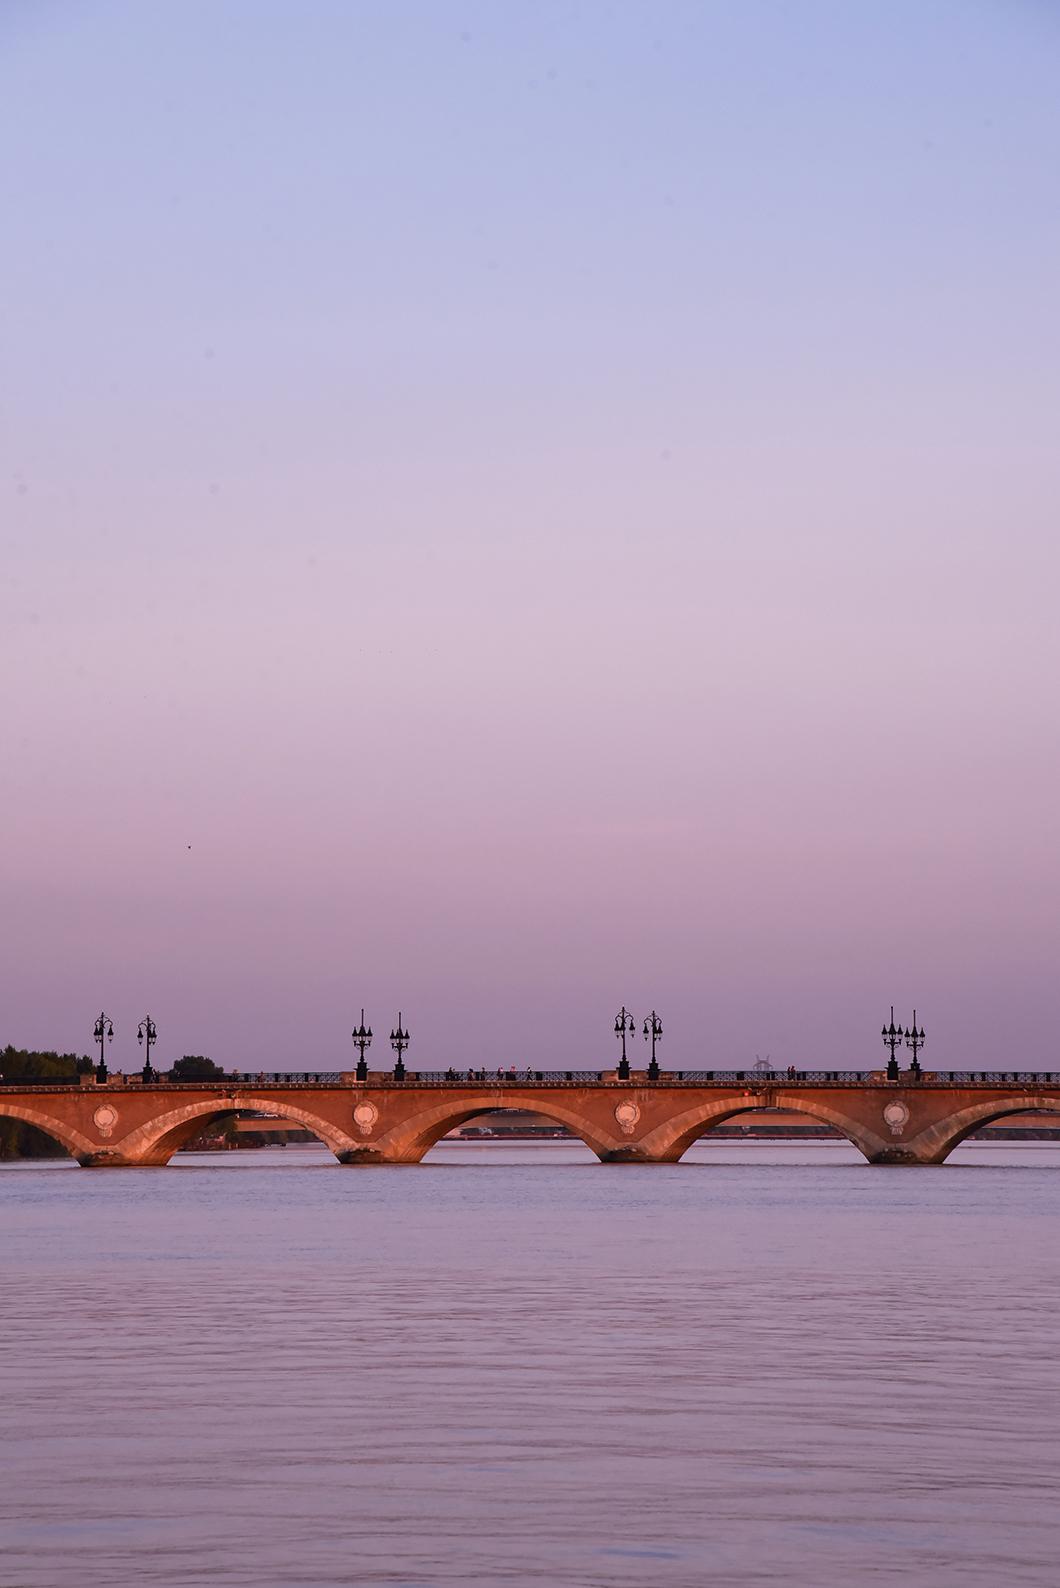 Que faire en extérieur à Bordeaux ? Découverte de la Place de la Bourse et de son miroir d'eau